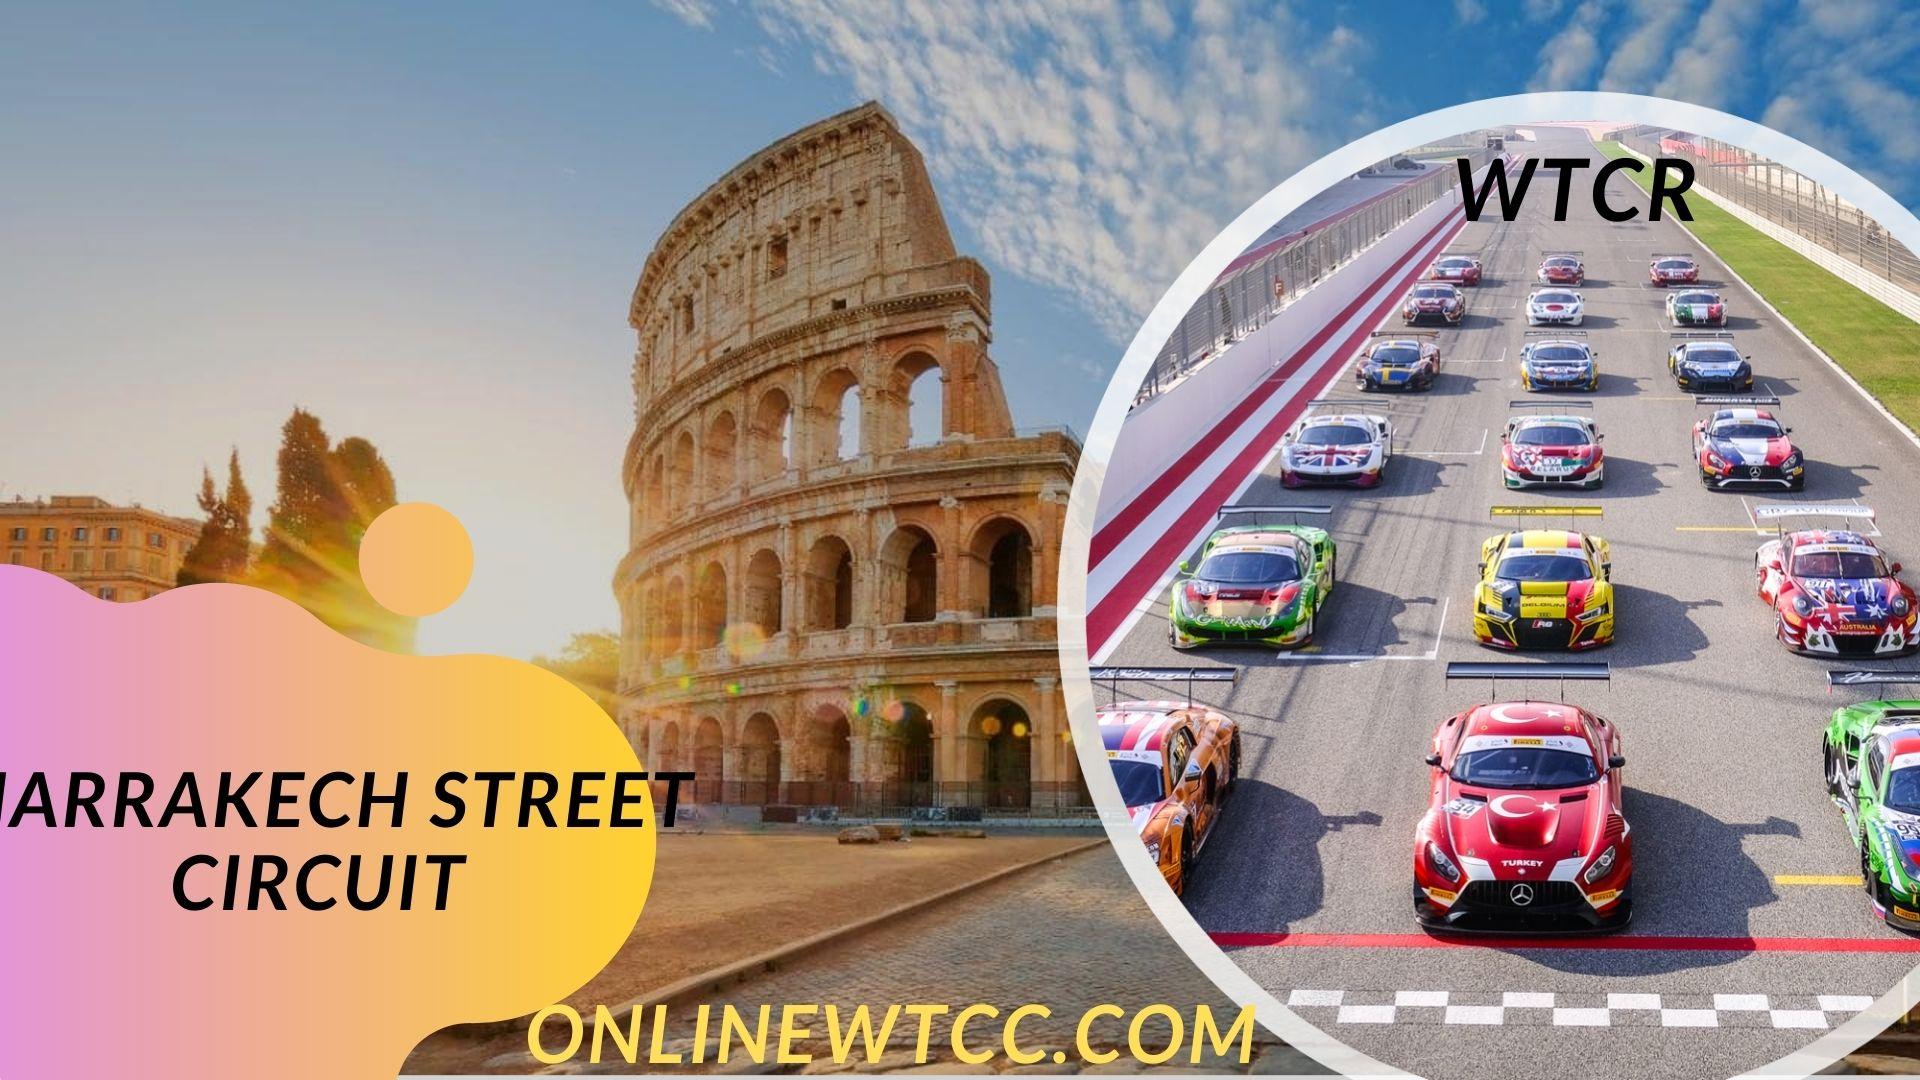 Marrakech Street Circuit WTCR 2018 Final Lap Highlights